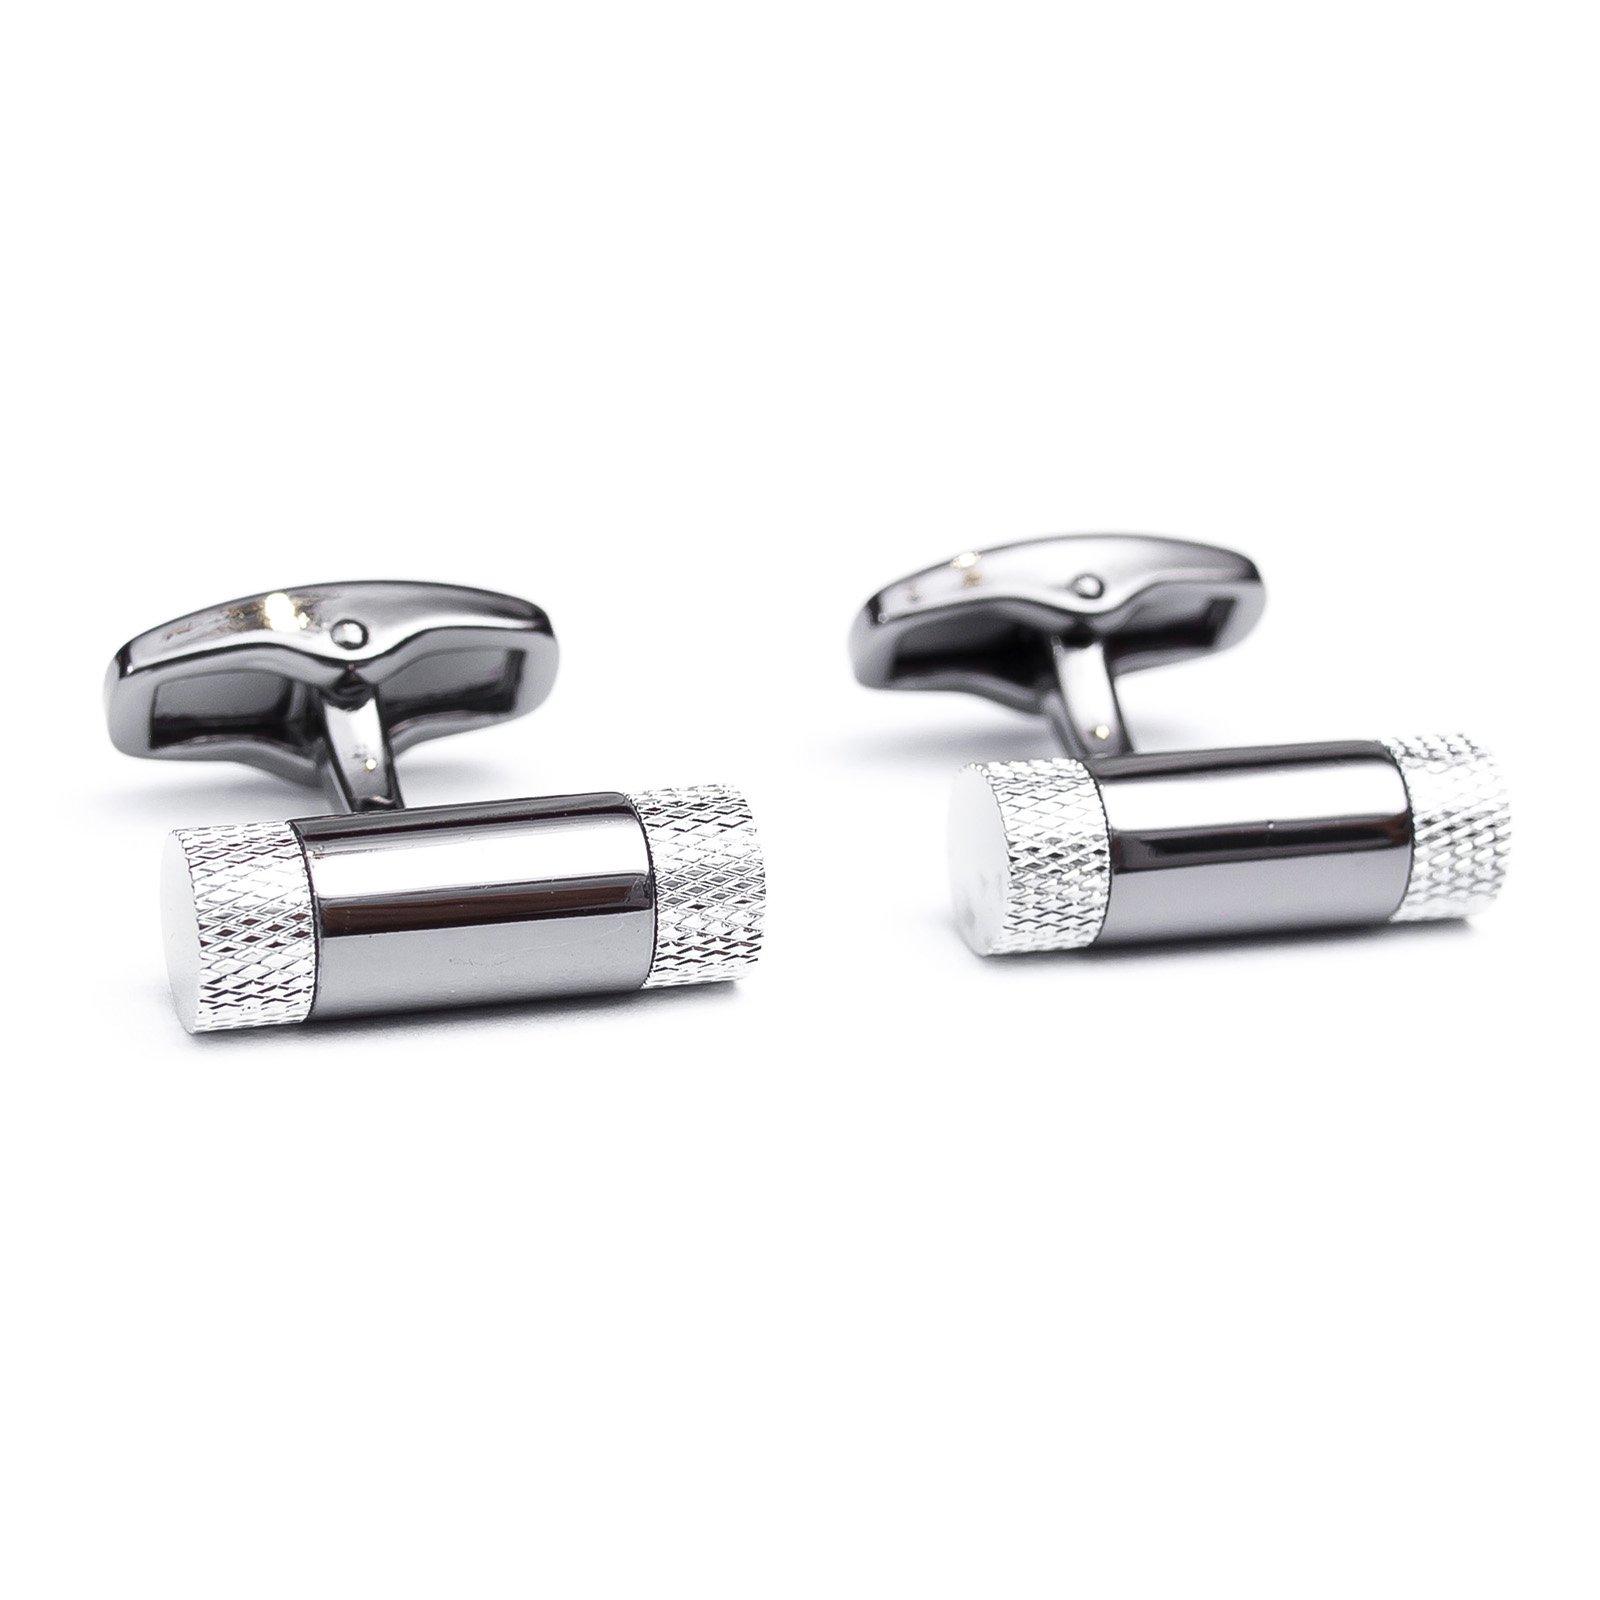 Butoni camasa argintii in forma de cilindru